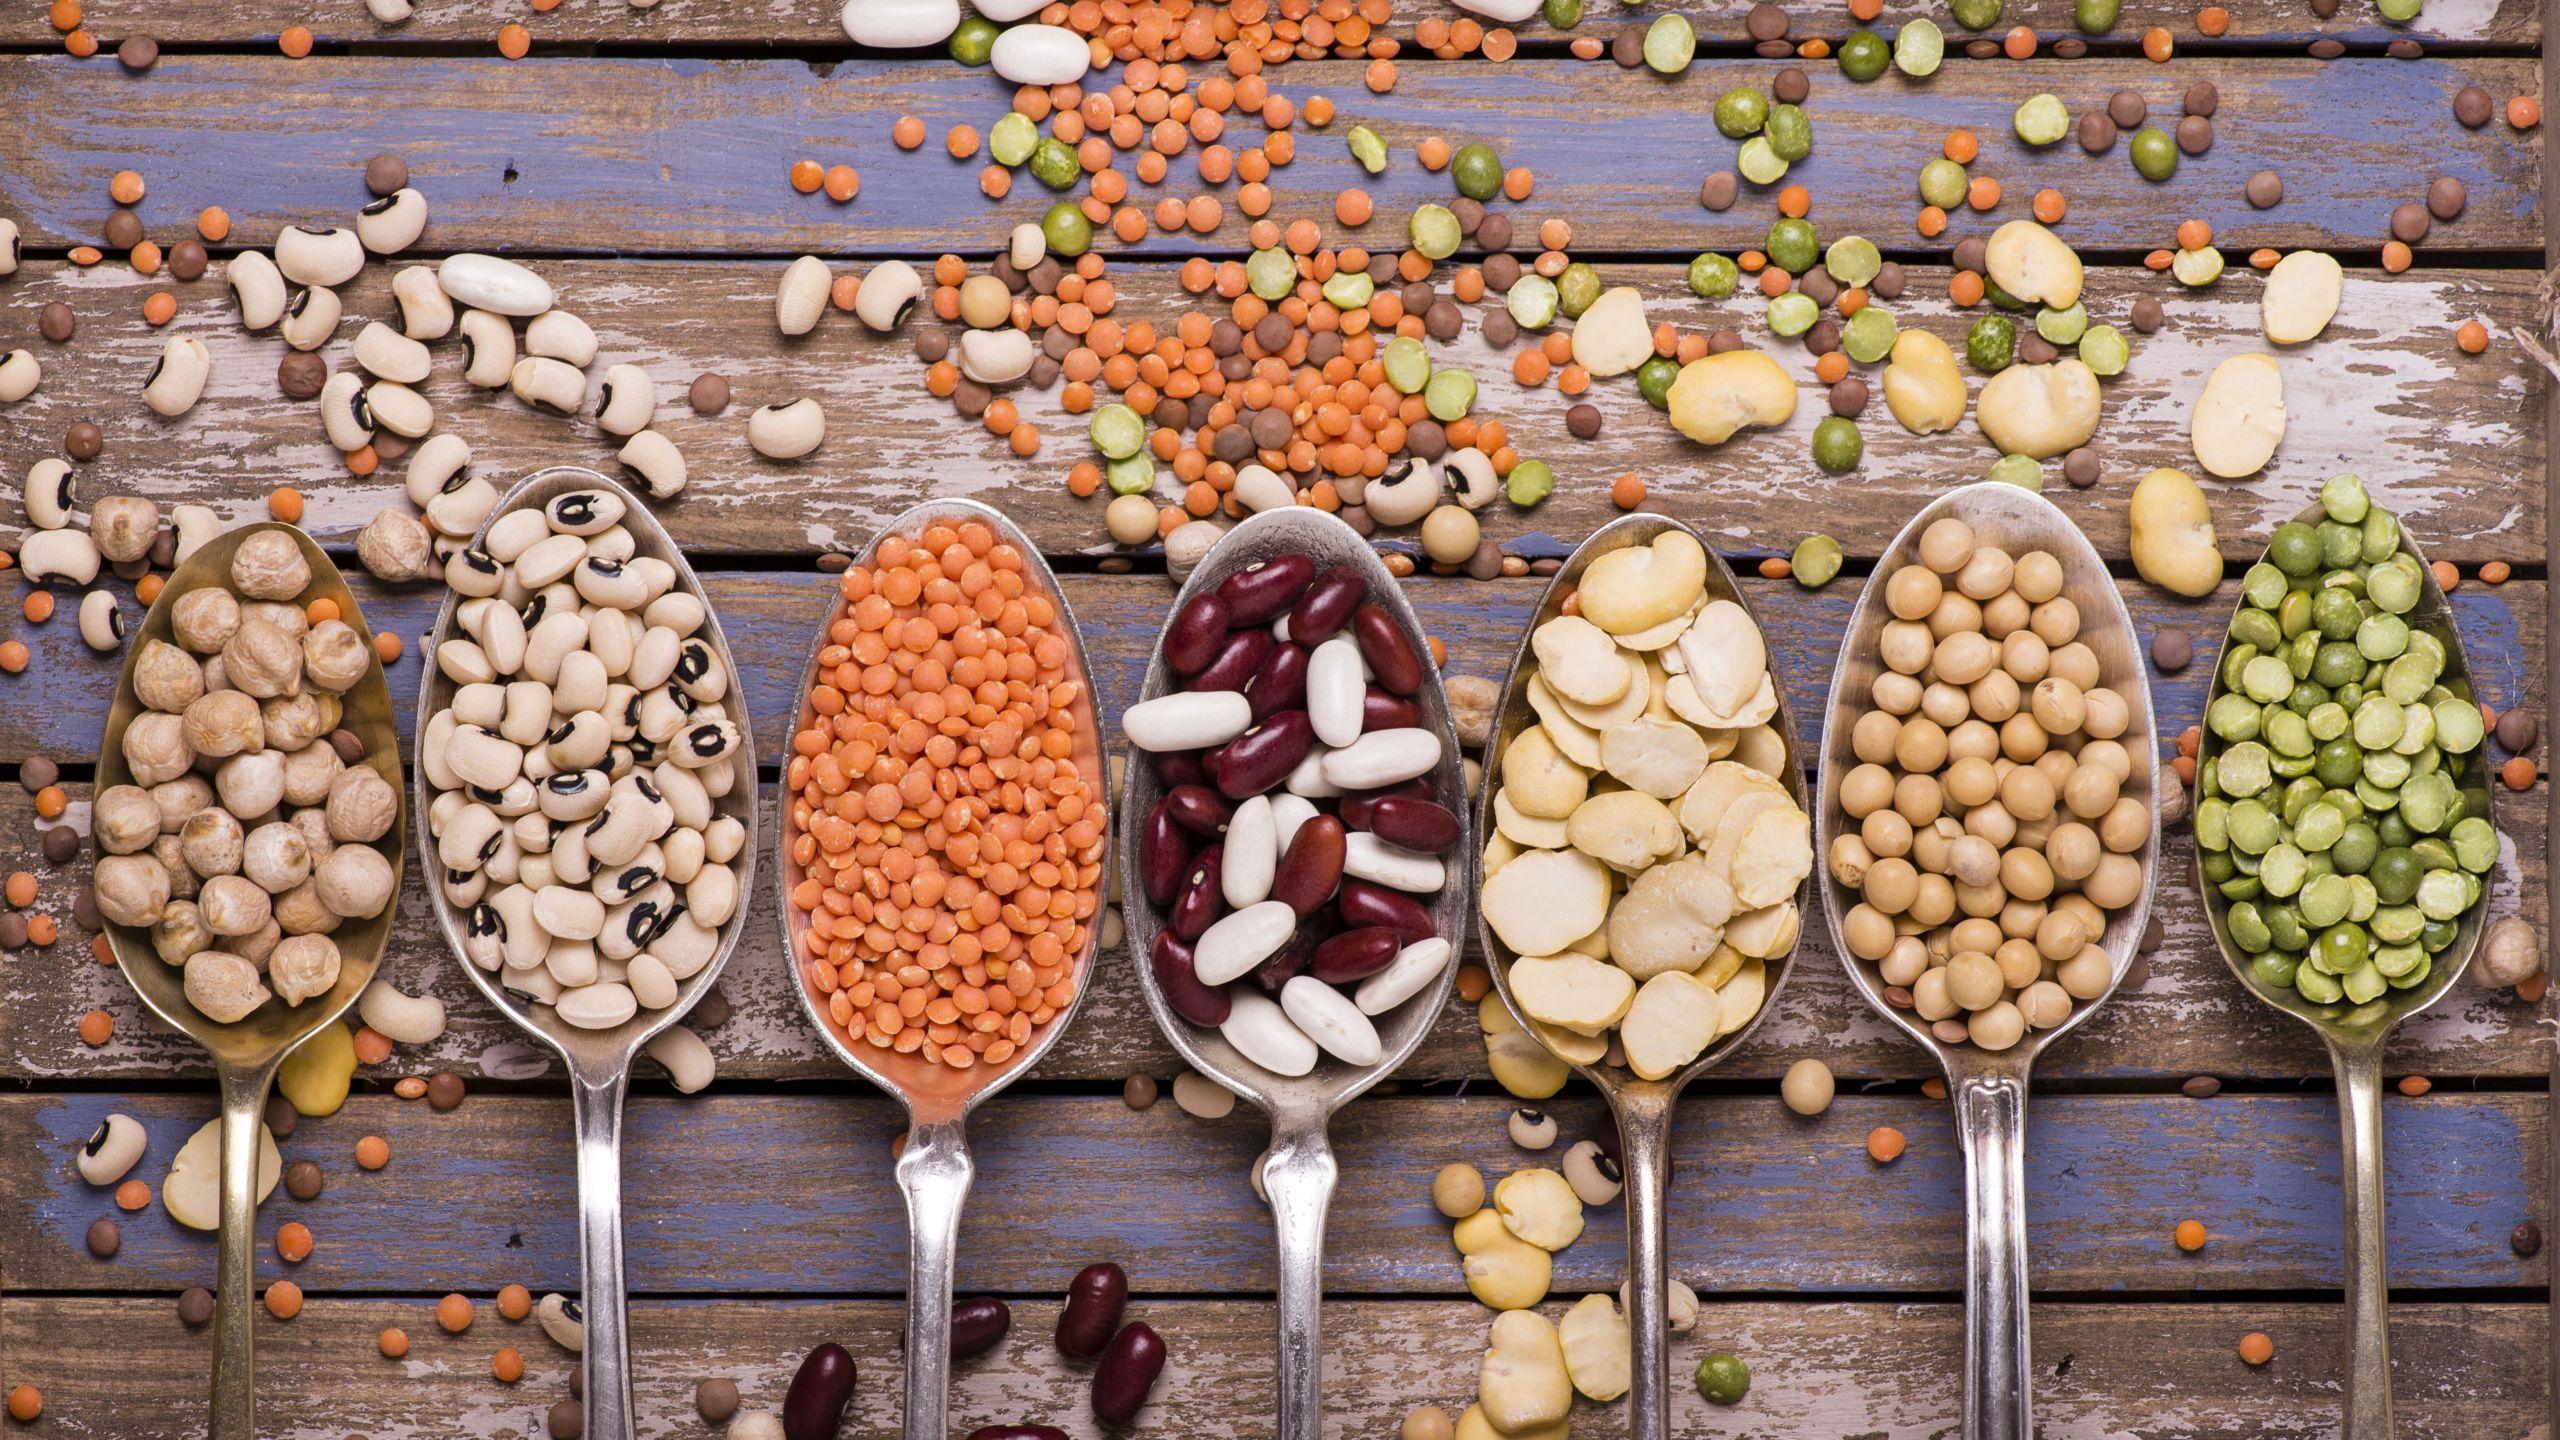 Tipologie di legumi: quali sono e proprietà